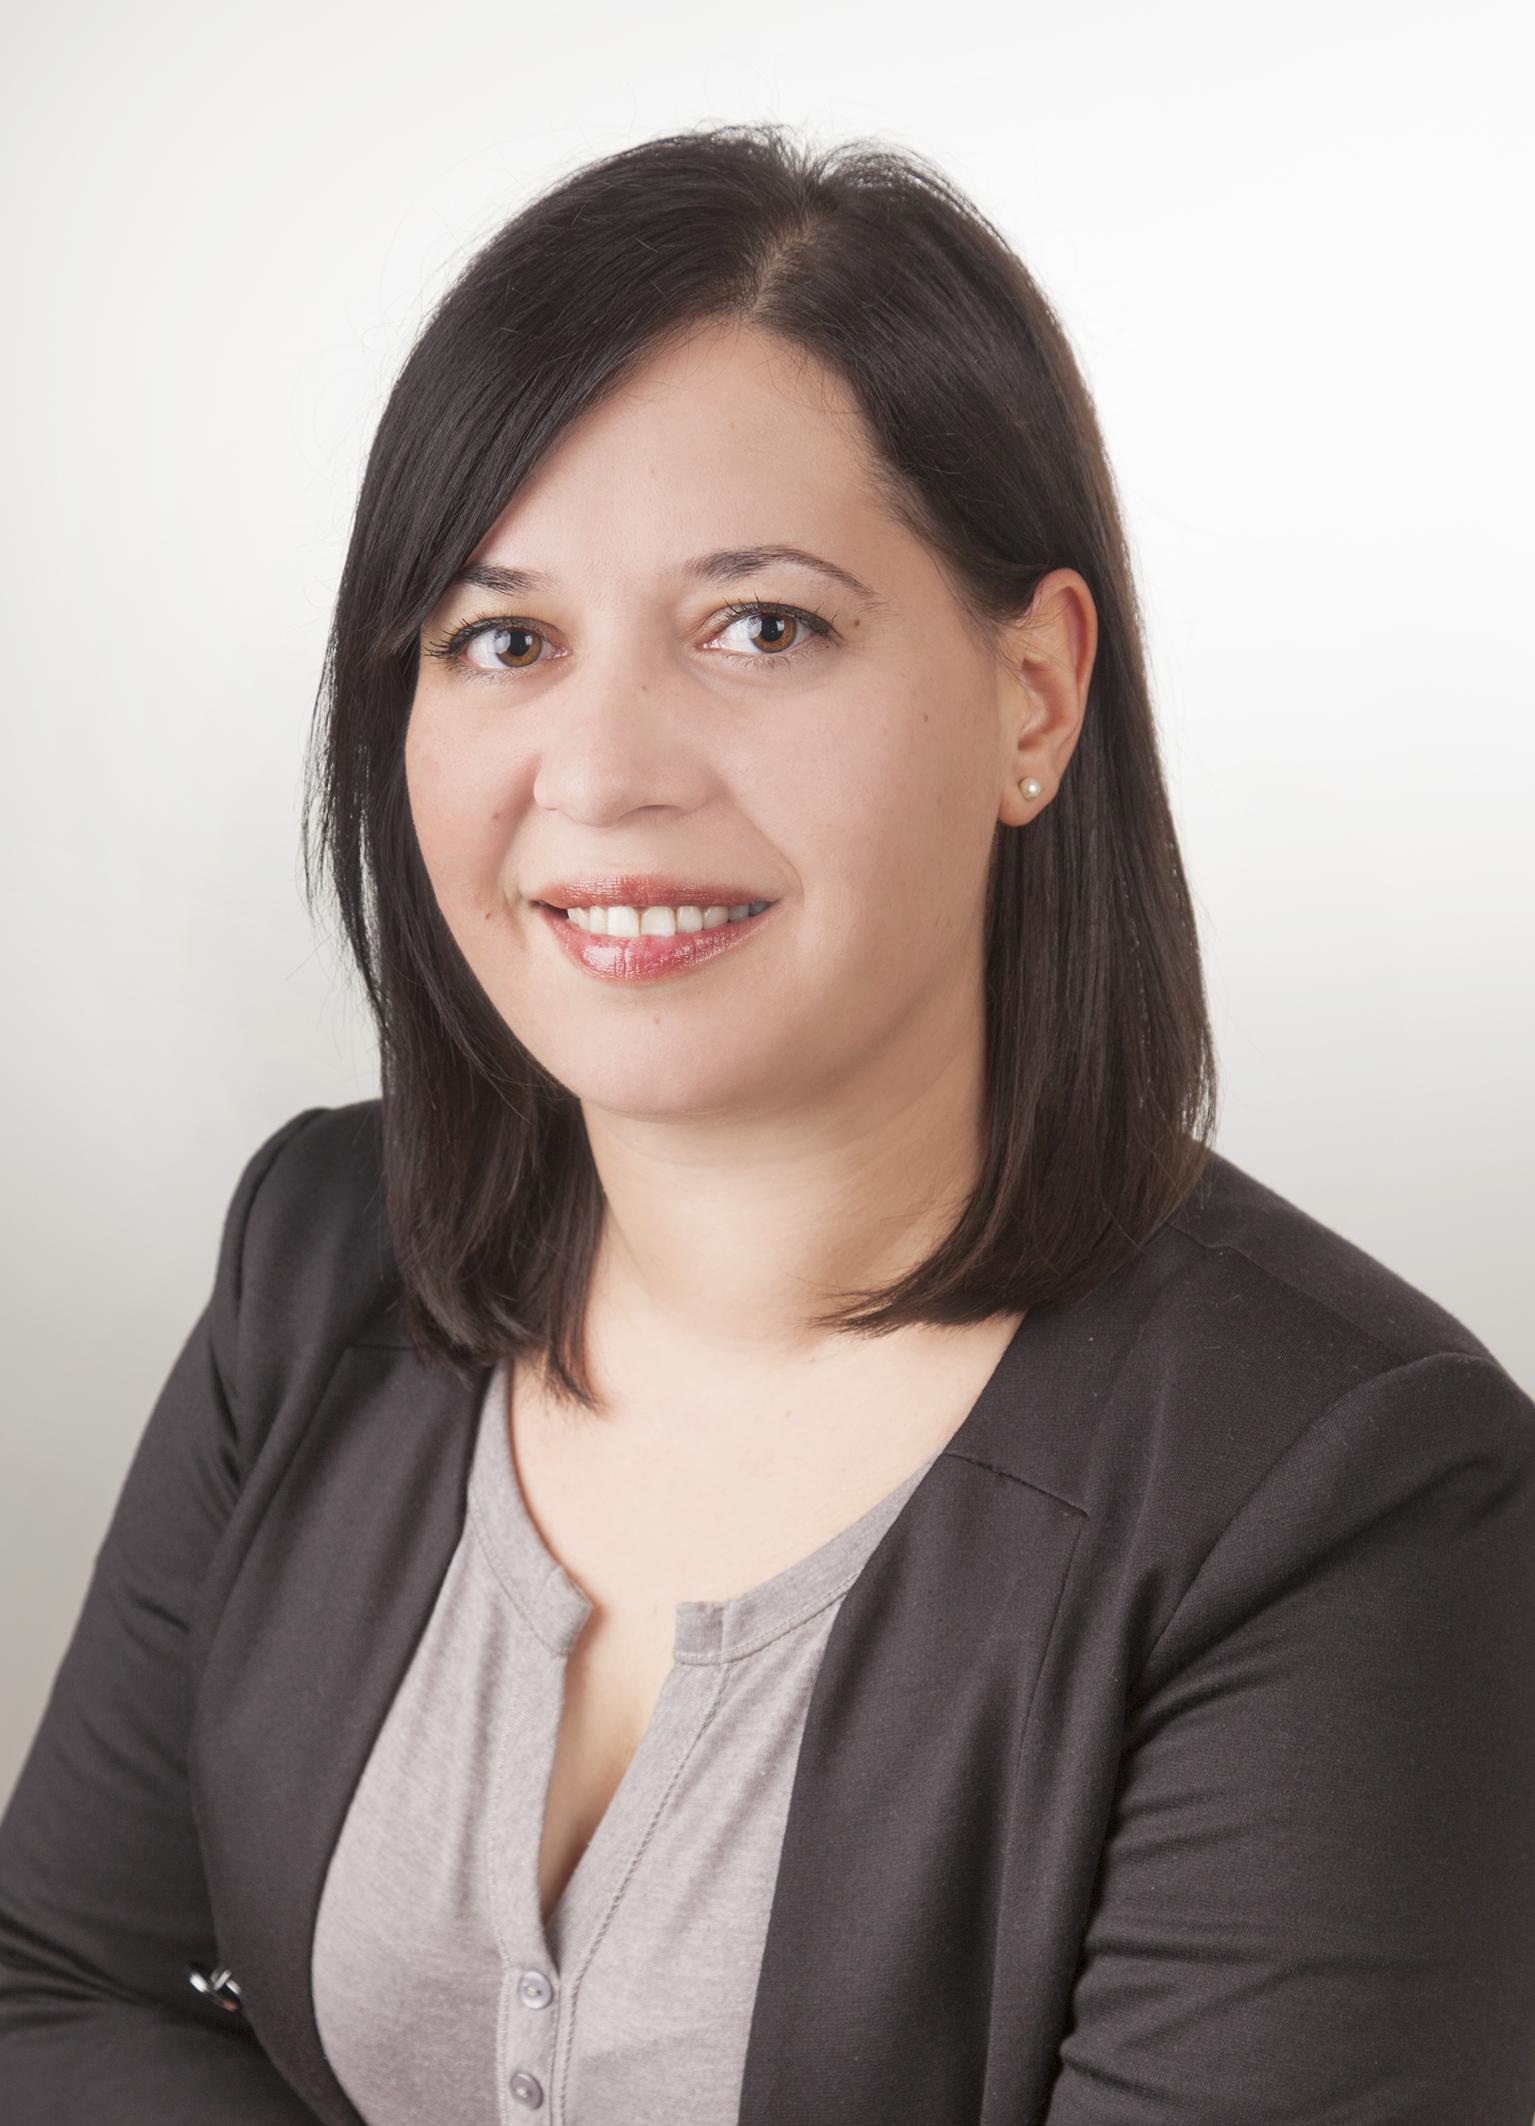 Liljana Andreeva